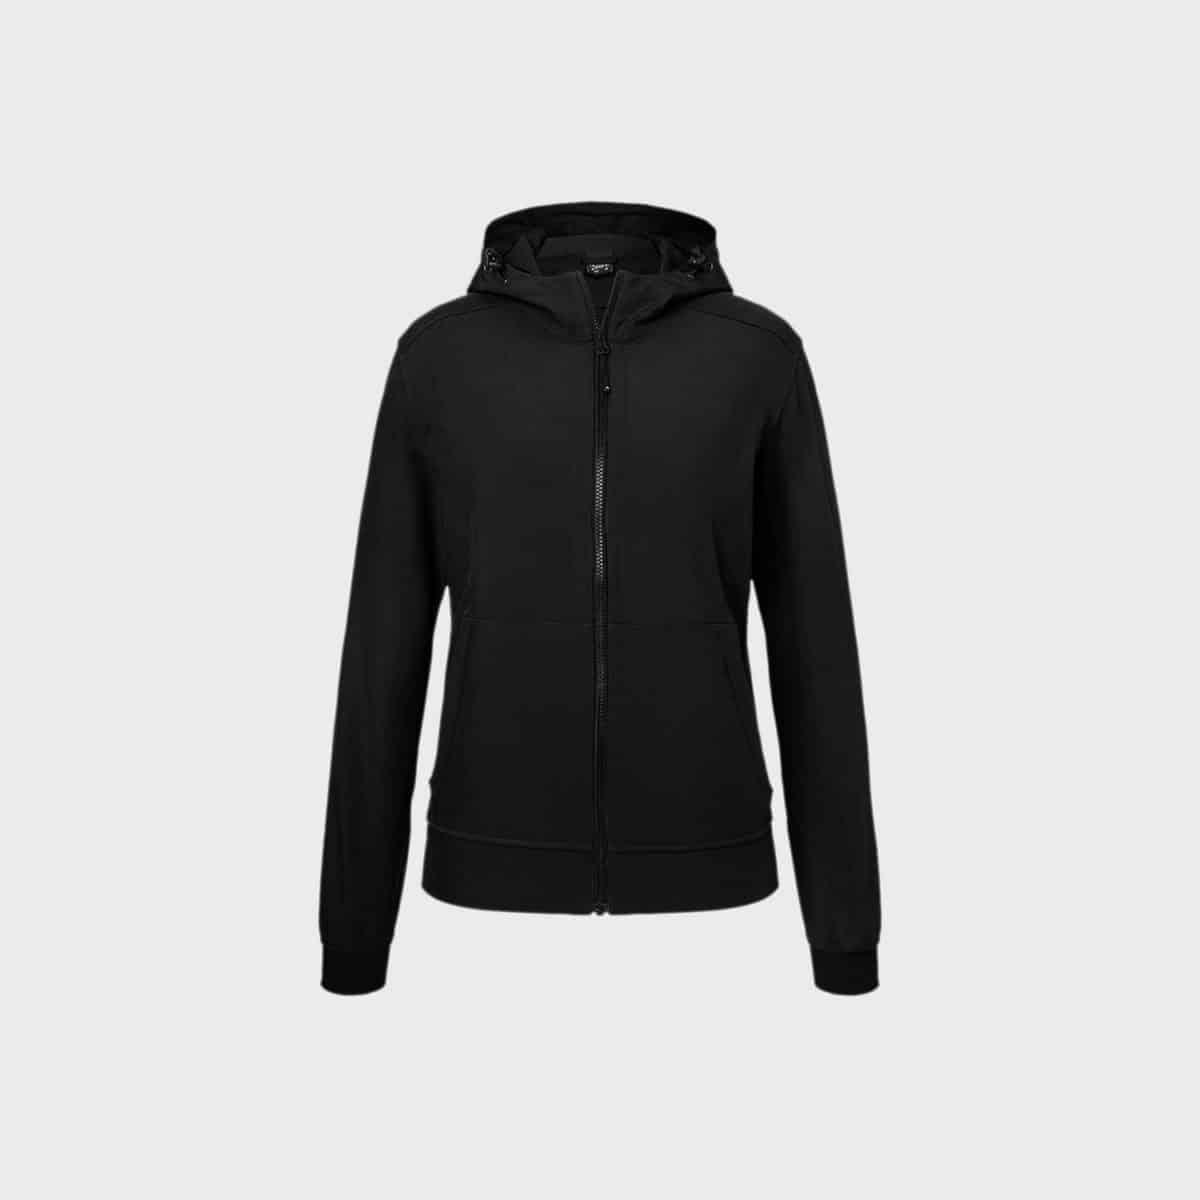 softshell-jacket-hooded-damen-black-kaufen-besticken_stickmanufaktur